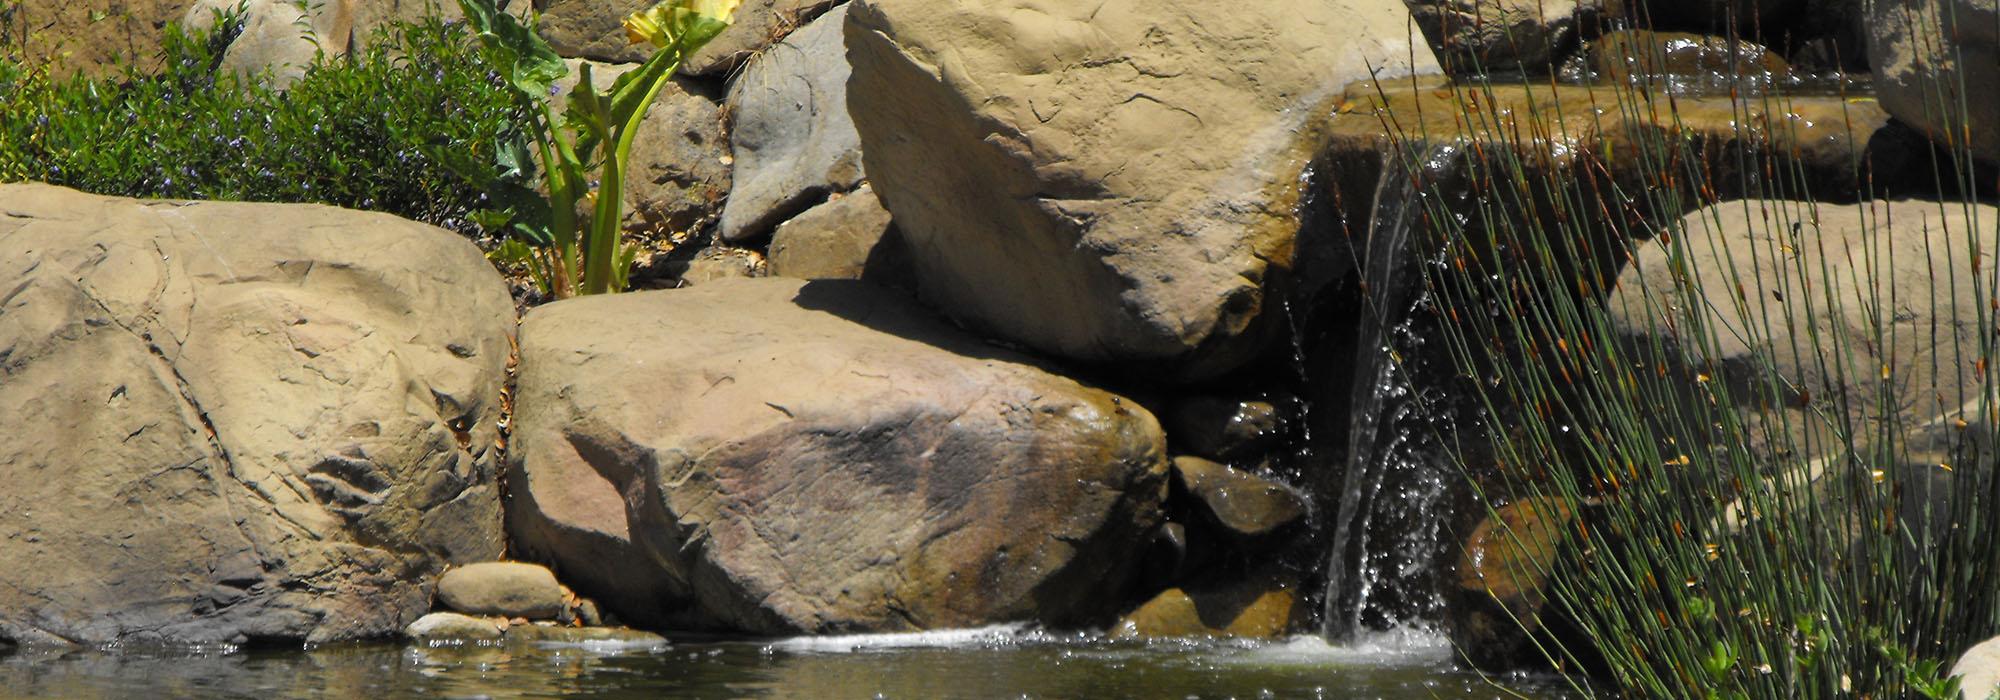 SLIDE5-rockwater